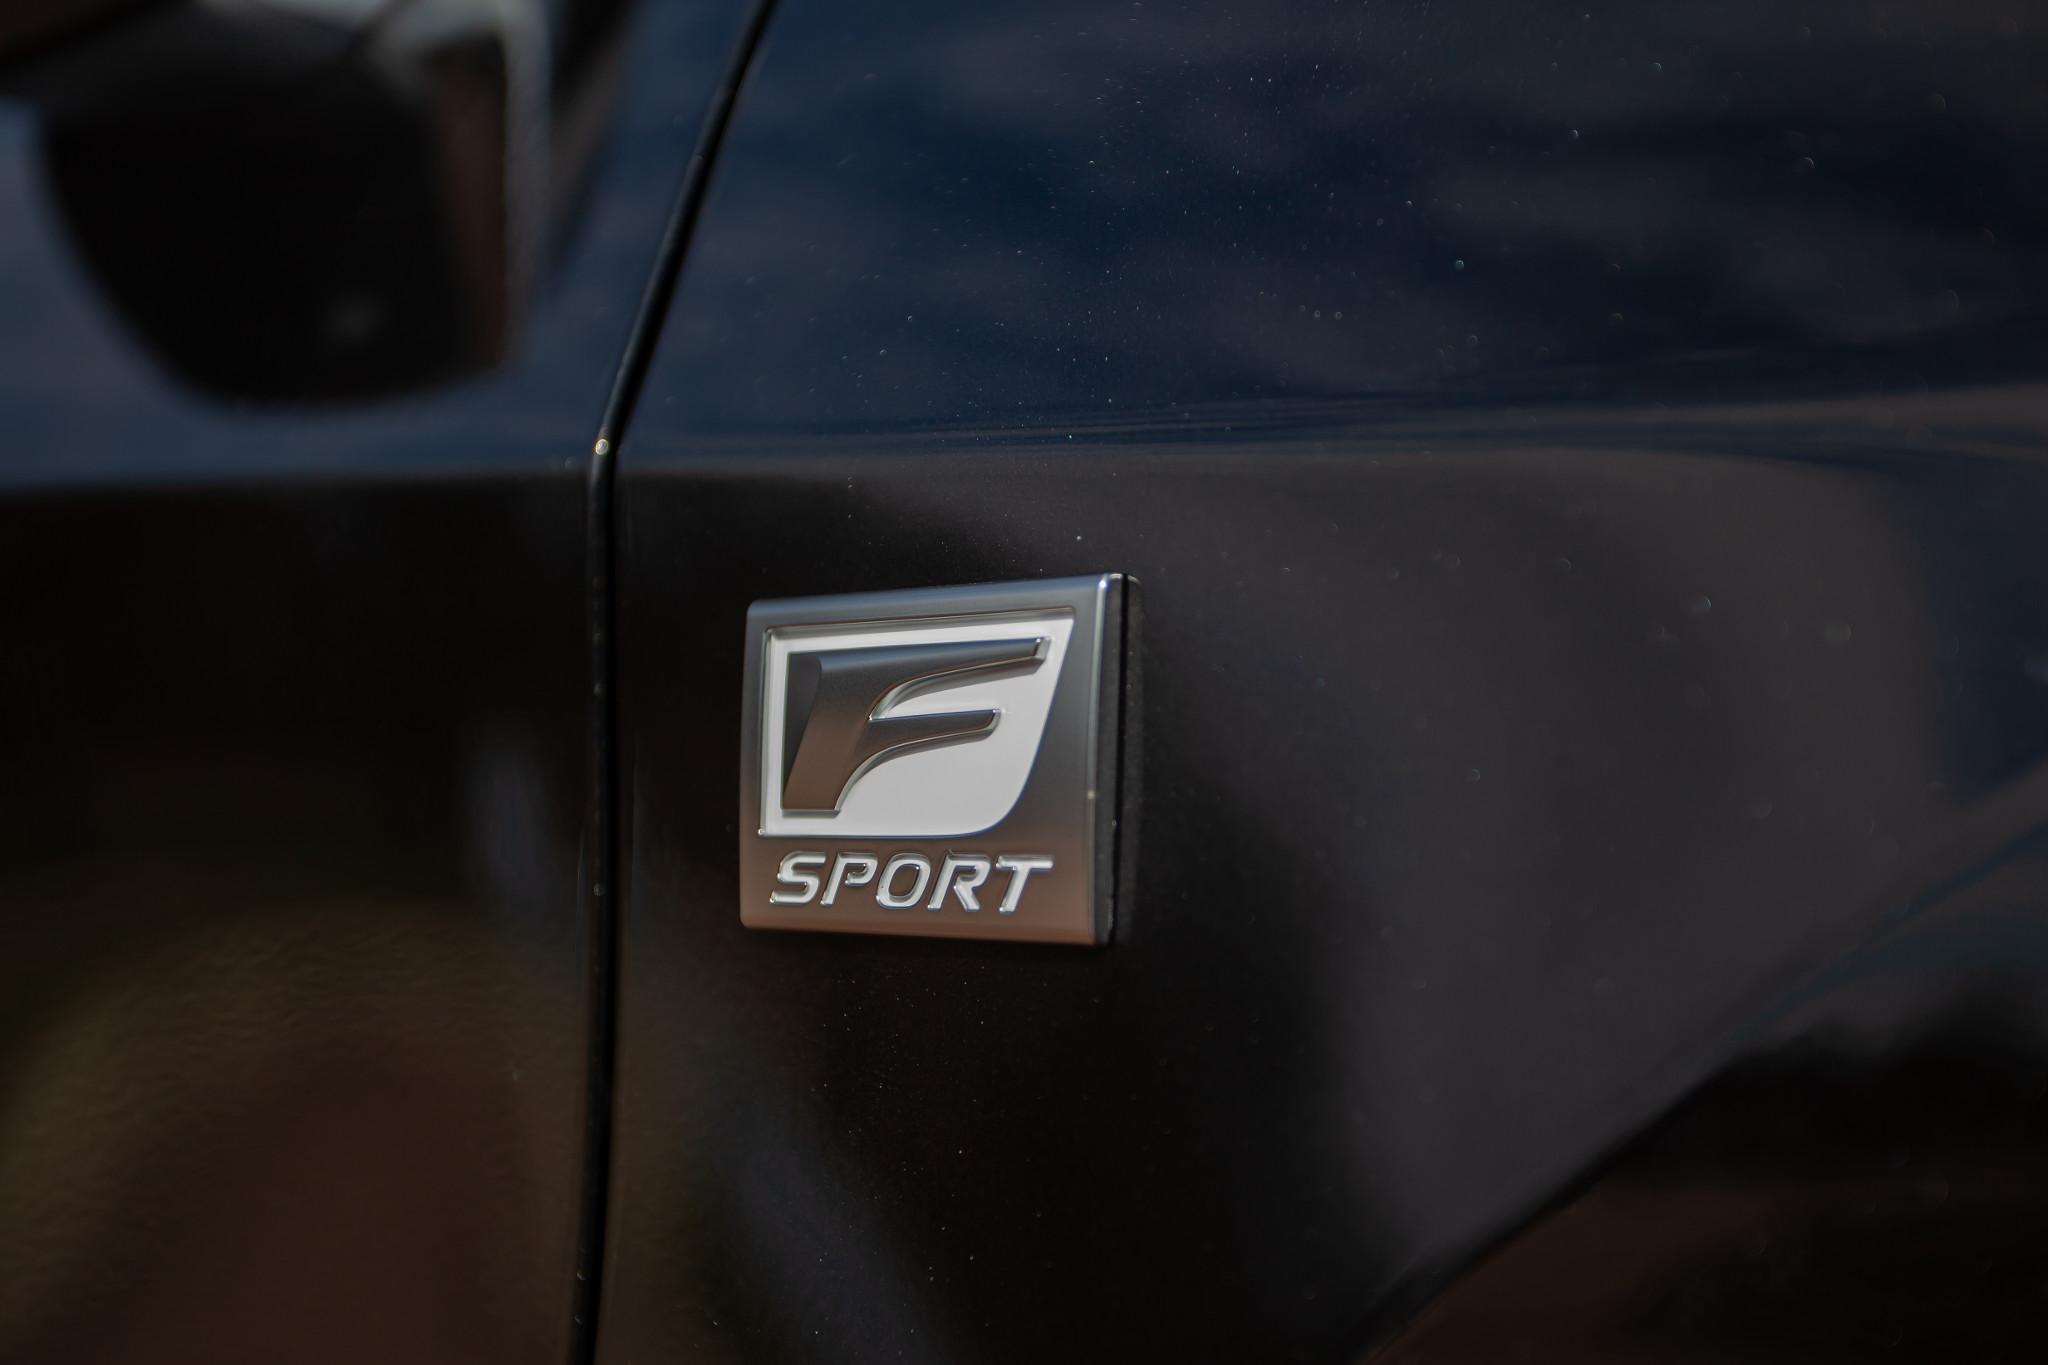 lexus-rx-350-2020--08-badge--black--exterior--profile.jpg